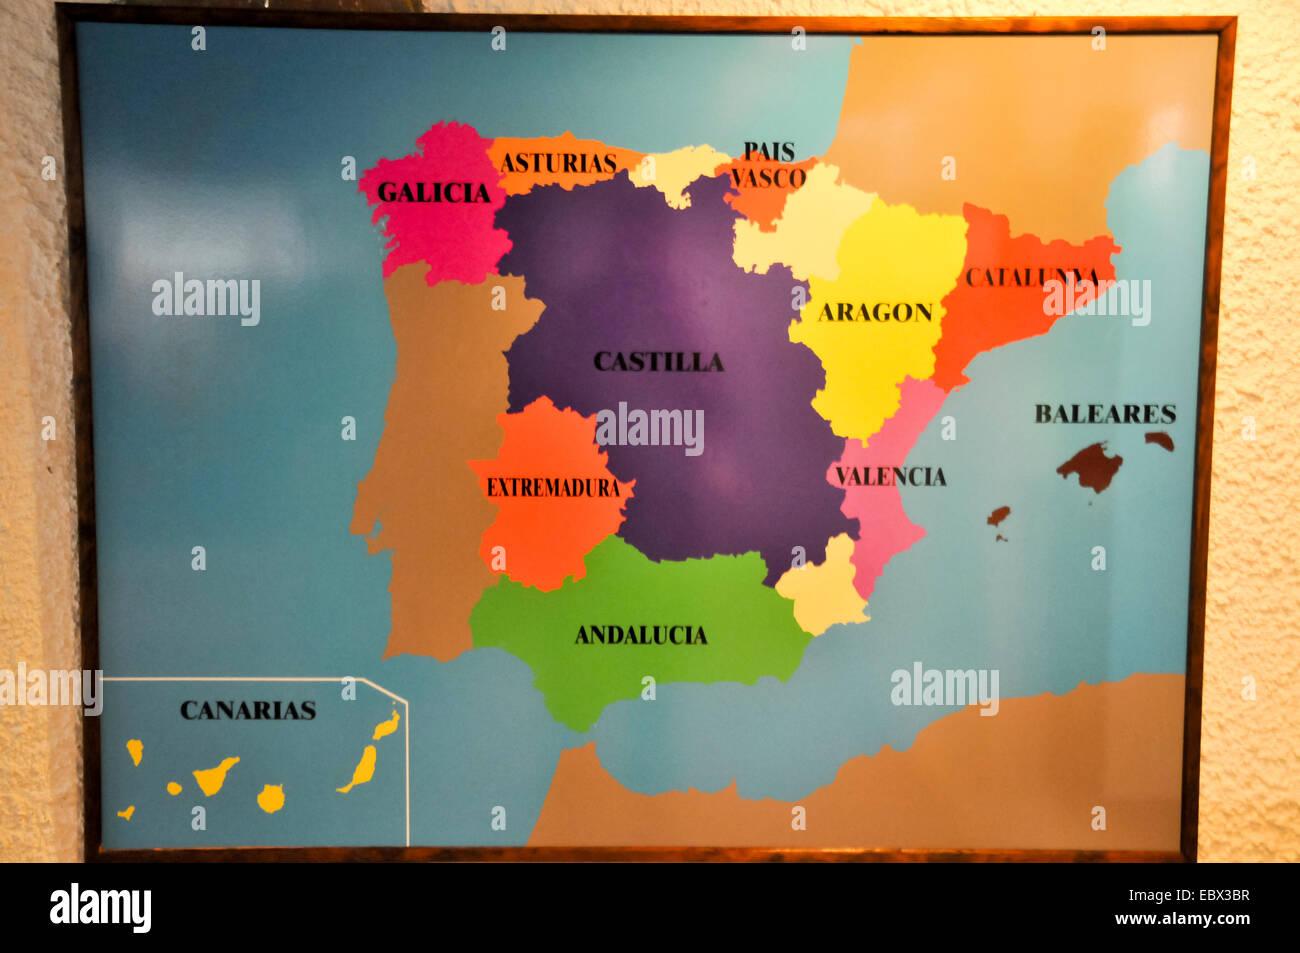 Mapa de la diversidad étnica en España Imagen De Stock